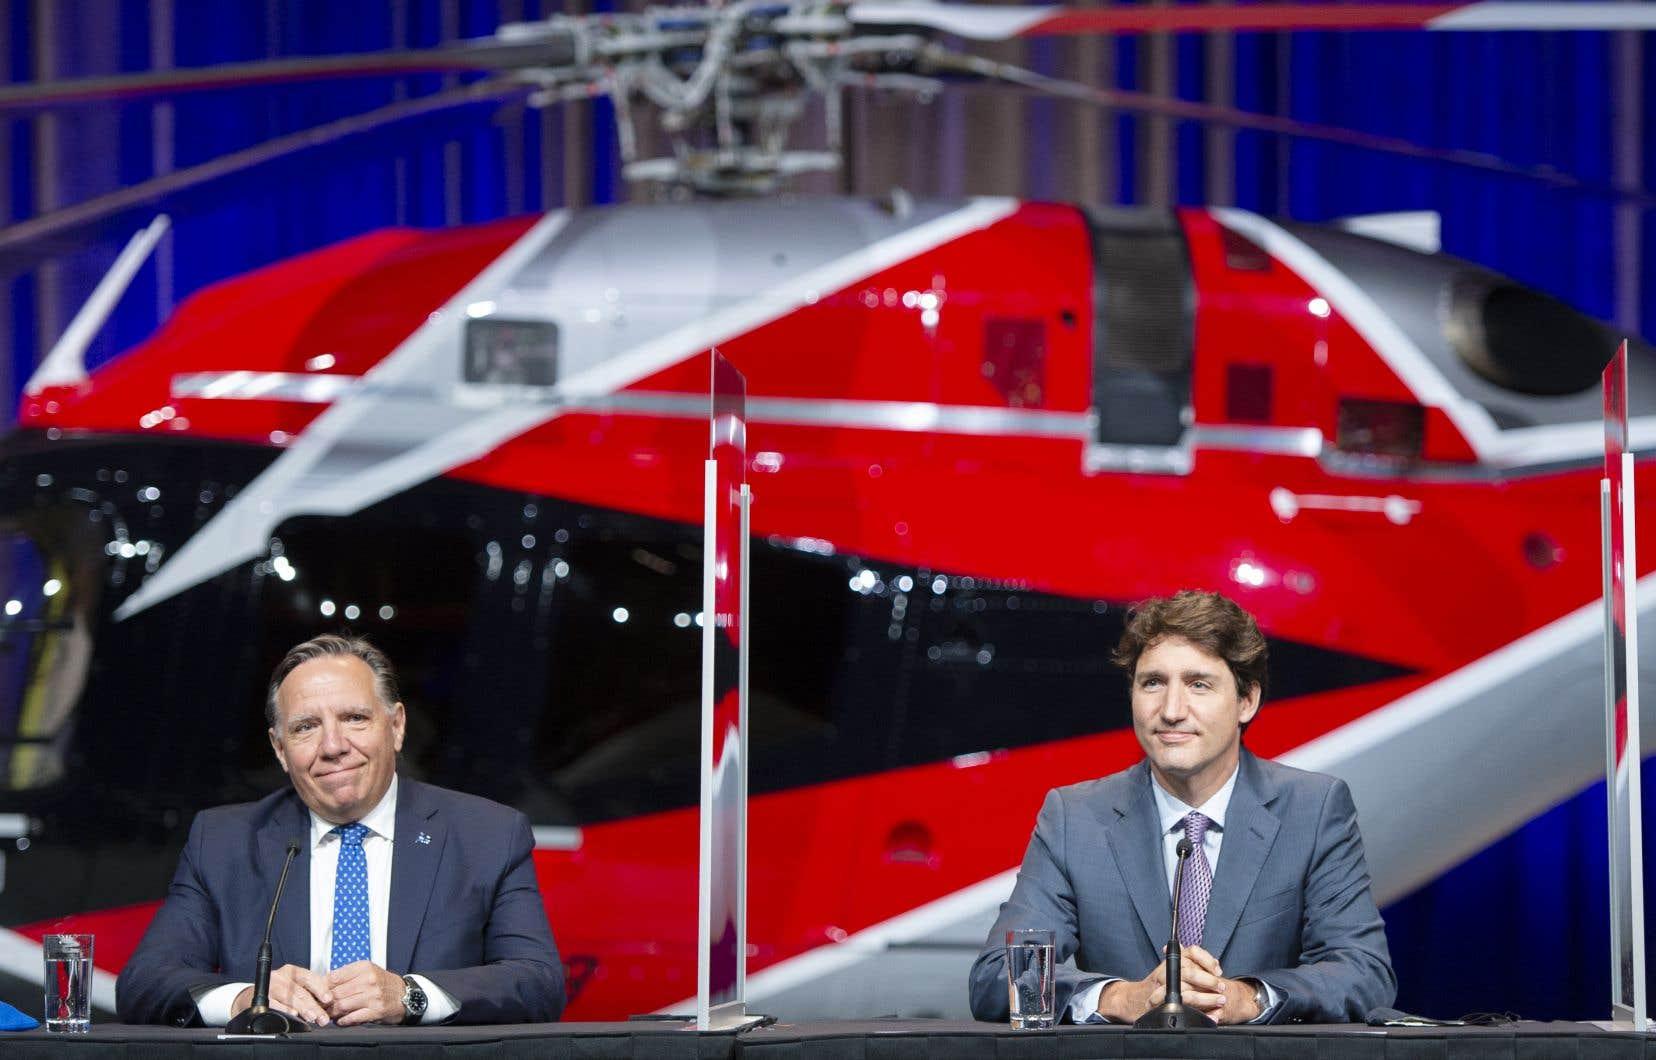 Justin Trudeau a fait cette déclaration jeudi, lors d'une conférence de presse au Palais des congrès de Montréal, en compagnie de François Legault.